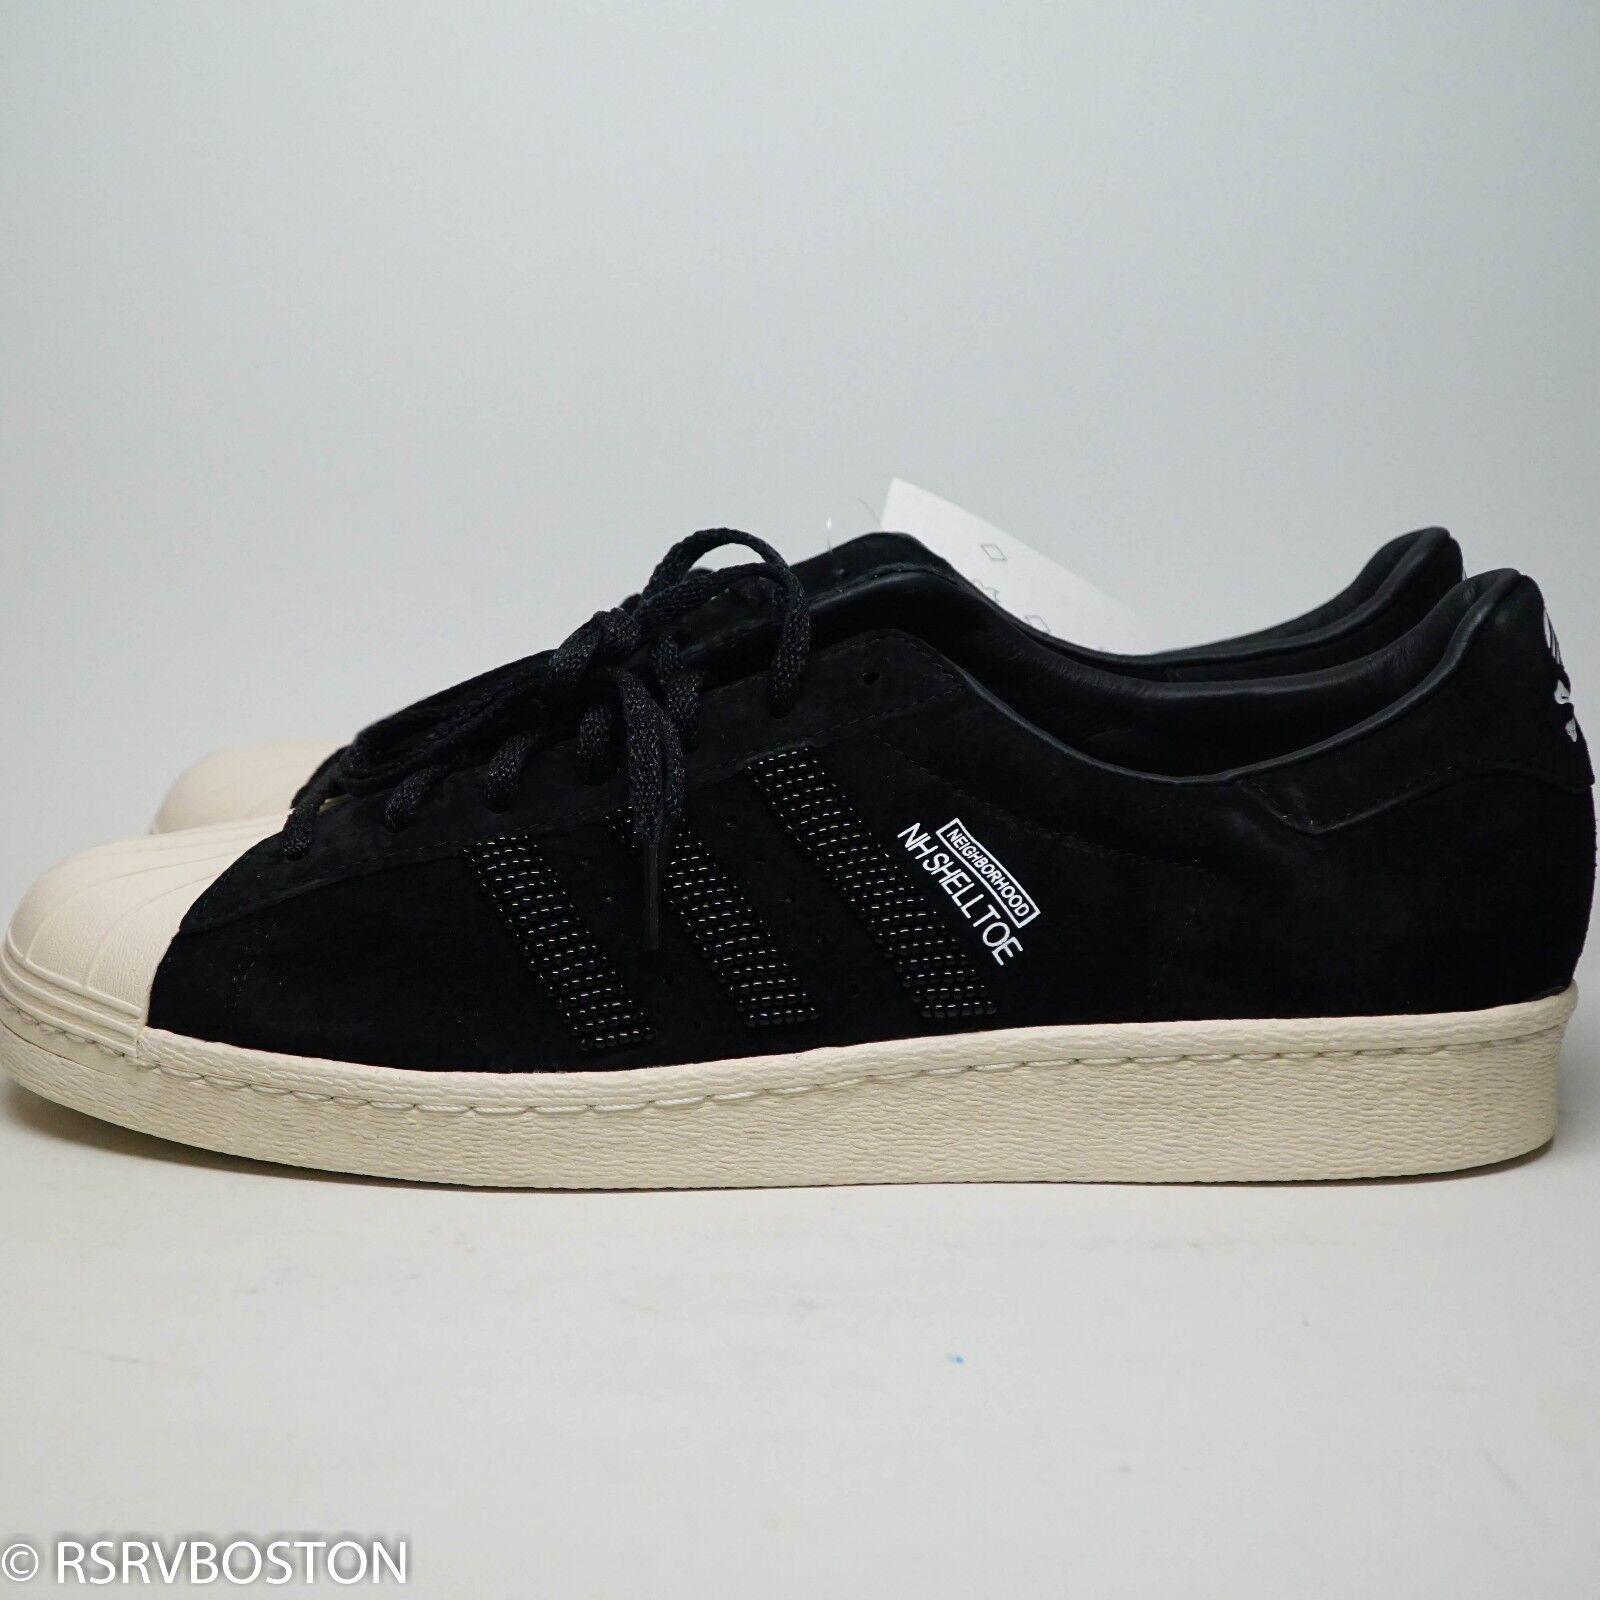 Adidas x quartiere nh shelltoe velluto nero nuovo 12 del m25785 superstar del 12 giappone 228072